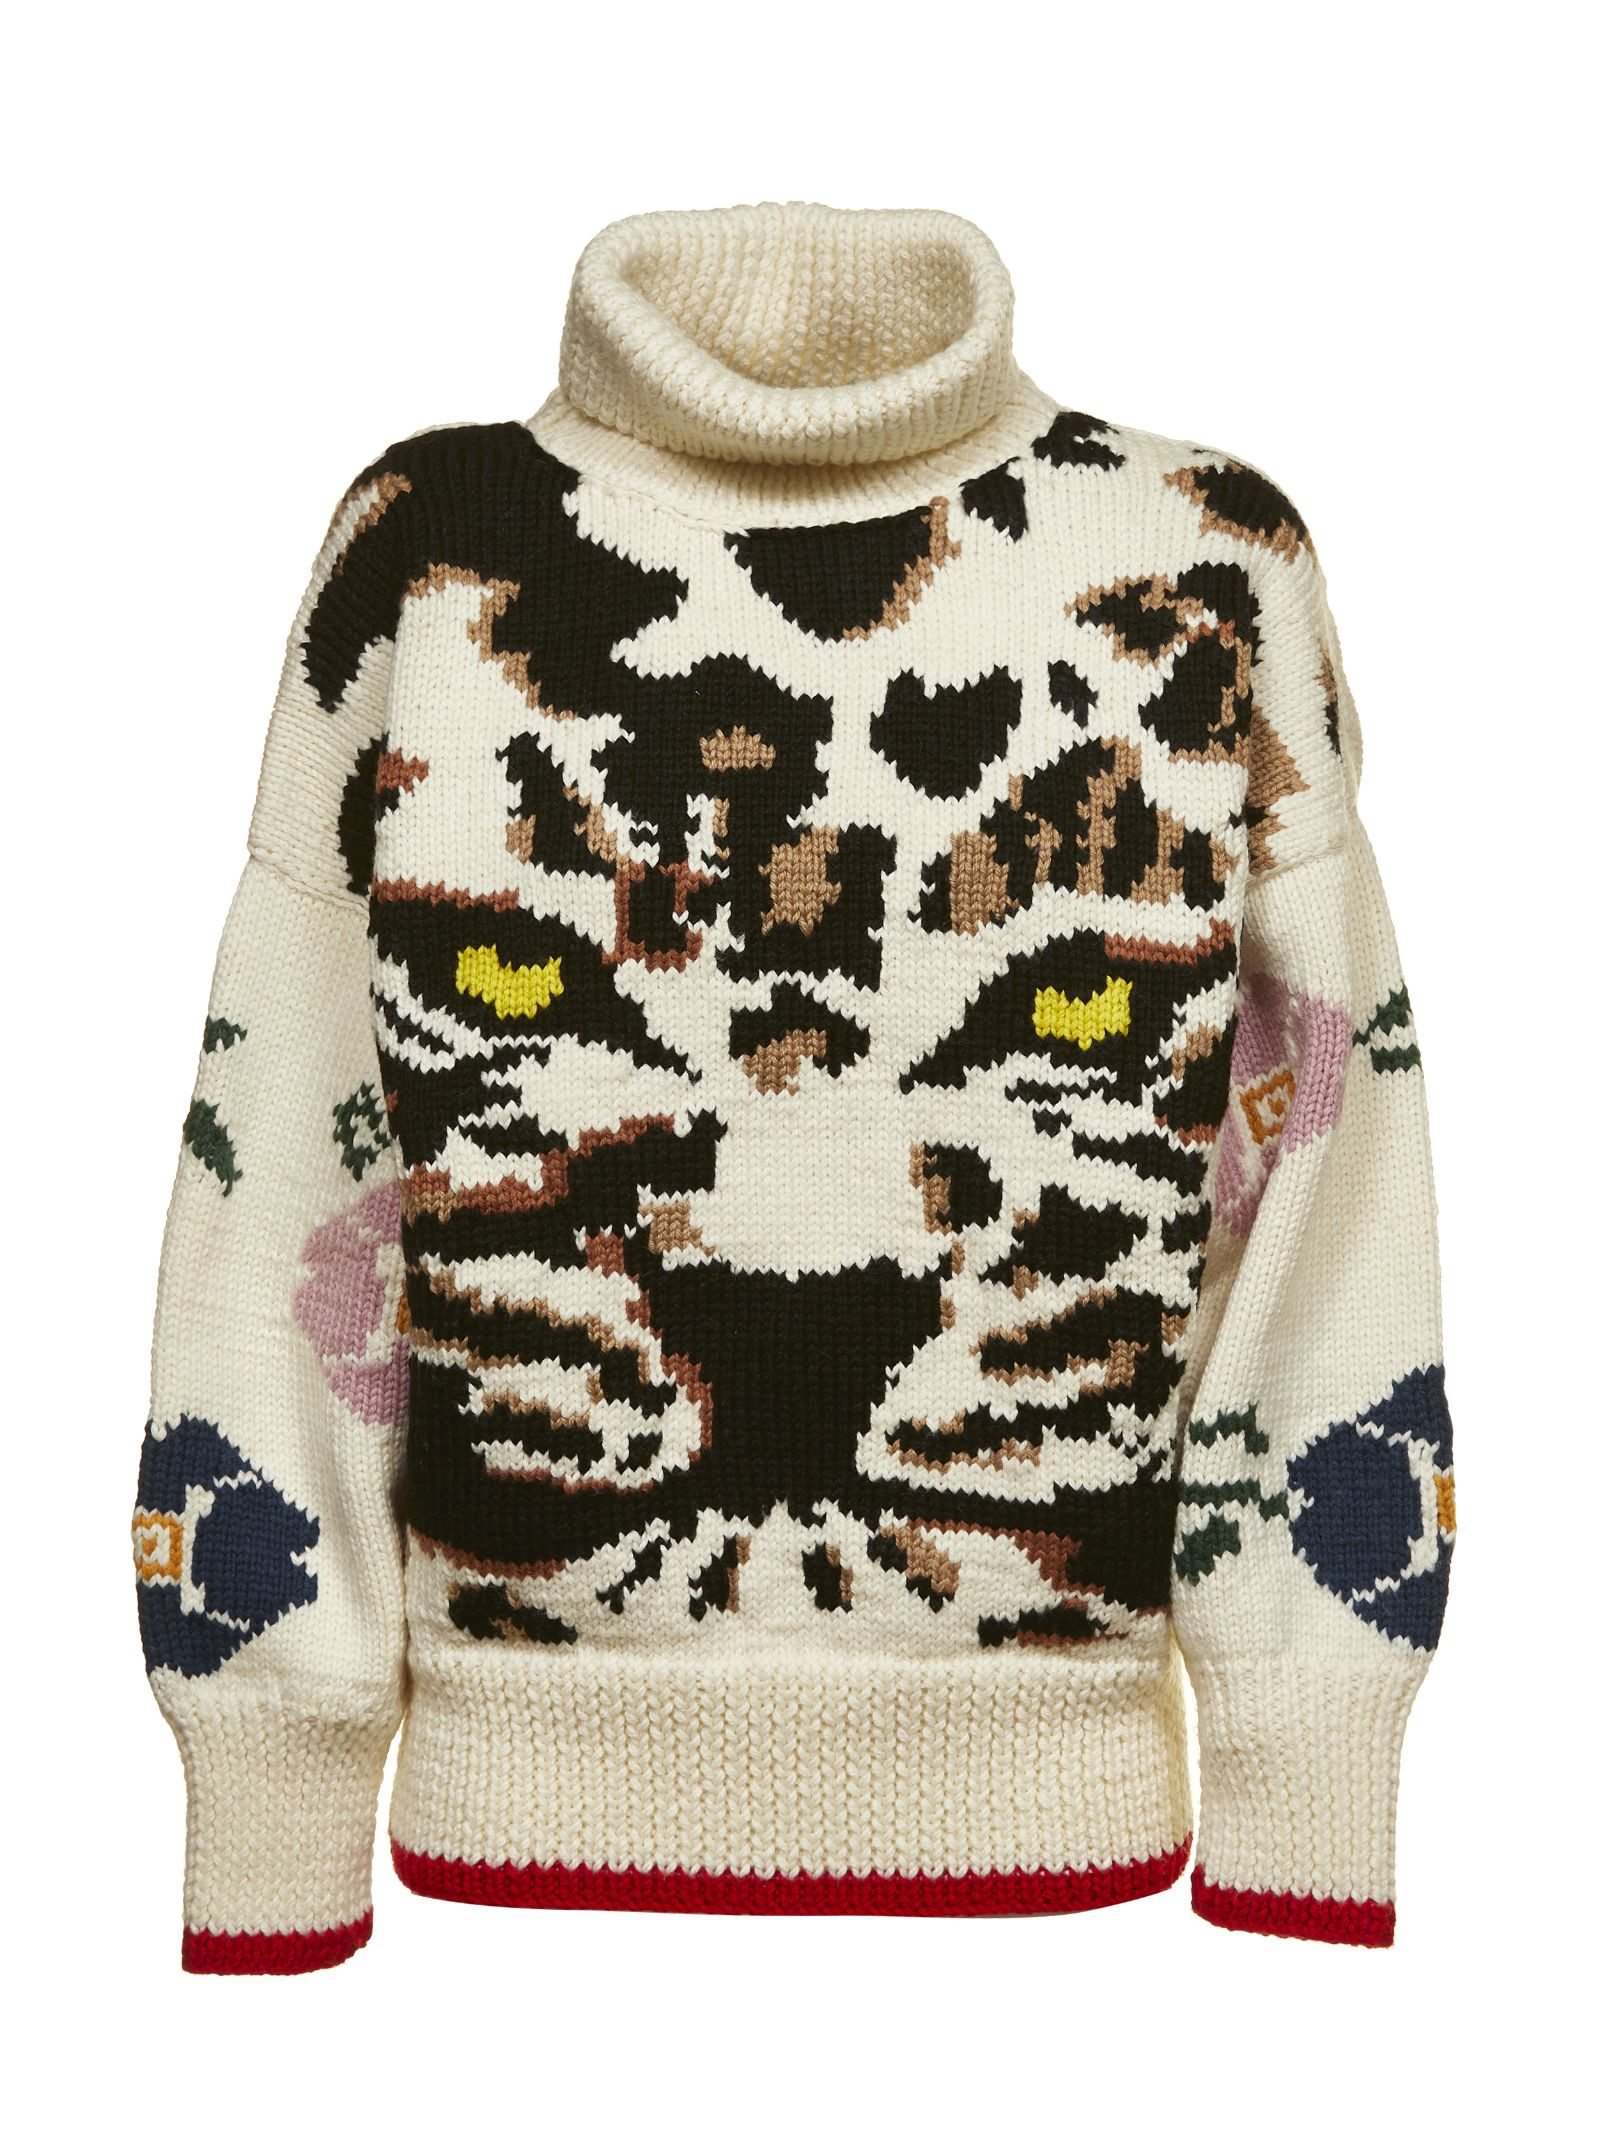 SONIA BY SONIA RYKIEL Sonia By Sonia Rykiel Tiger Knit Jumper in Panna Multicolor